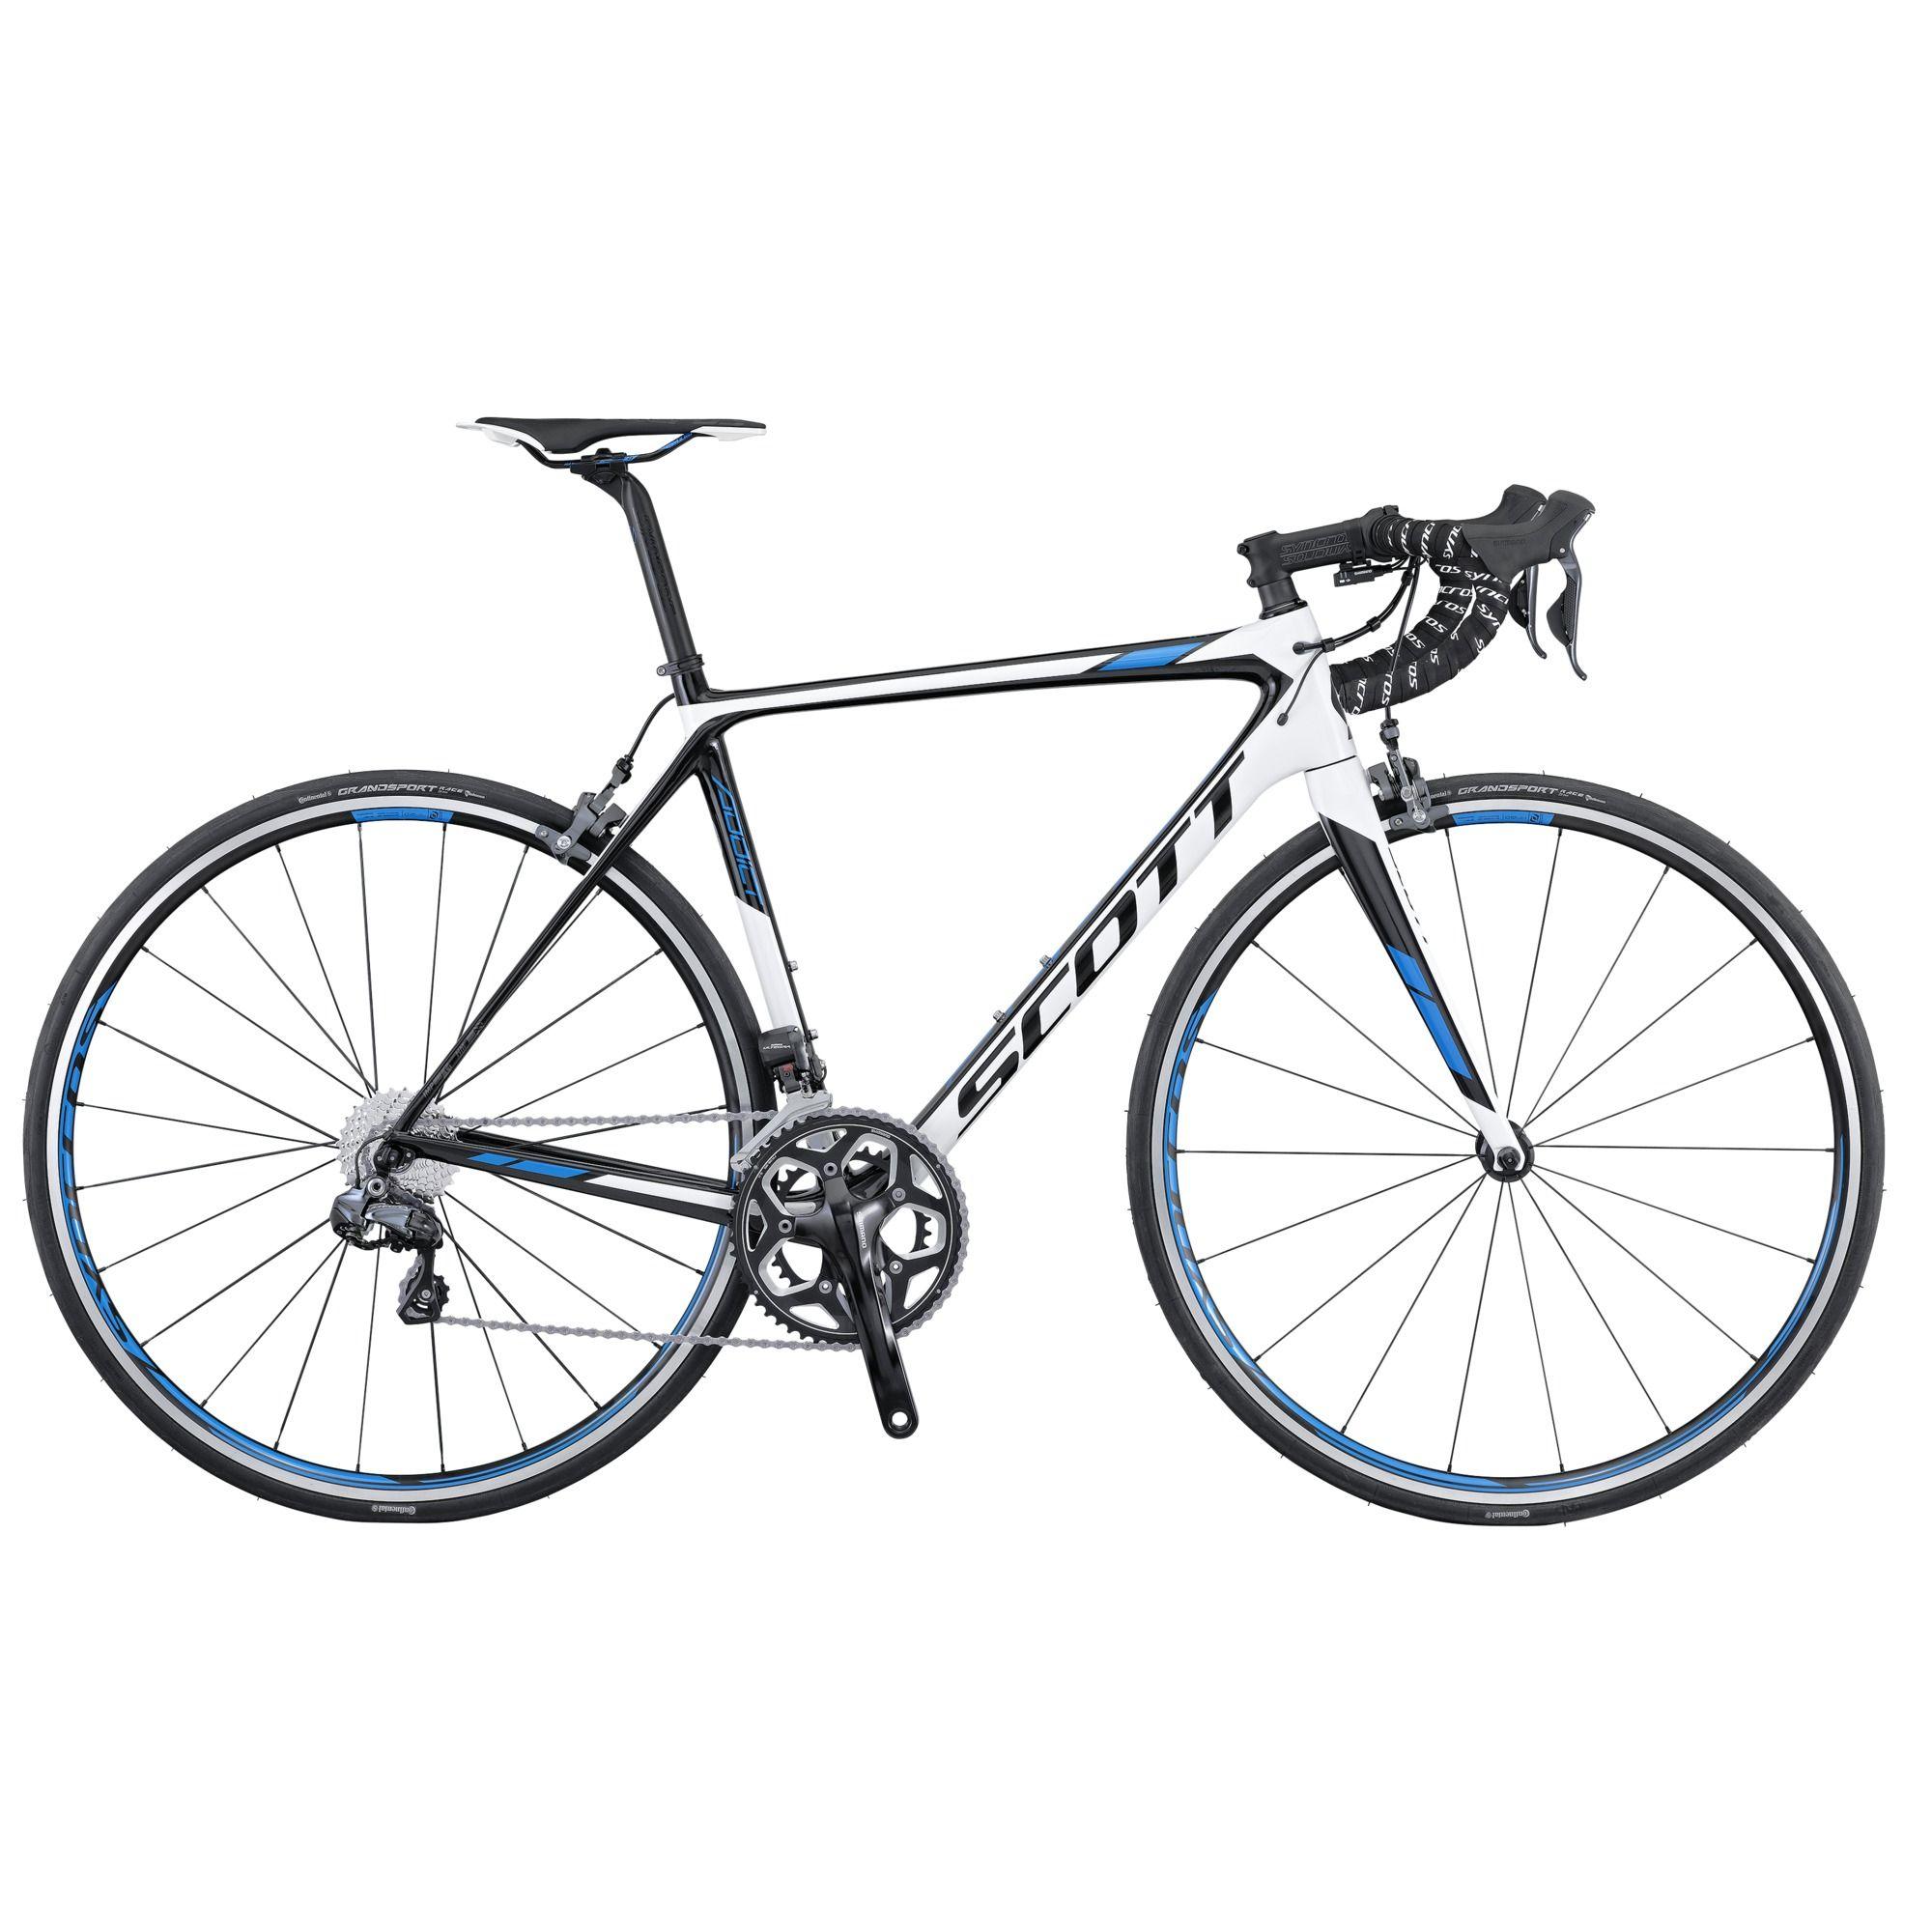 Велосипед ScottШоссейные<br>Scott Addict 15 - это хороший пример идеально сбалансированного велосипеда для тренировок и соревнований в шоссейных дисциплинах велоспорта. Помимо надежного оборудования модель обладает стильным дизайном, способным приковывать взгляды прохожих и болельщиков. Scott Addict 15 получился легким за счет рамы и вилке, которые изготовлены из высокотехнологичного карбона. Торможение и переключение передач осуществляется навесным оборудованием полупрофессионального уровня Shimano Ultegra. Сборные колеса Syncros RP2.0 обуты в накатистые покрышки Continental Grand Sport Race.<br><br>year: 2016<br>цвет: белый<br>пол: мужской<br>уровень оборудования: профессиональный<br>рулевая колонка: Ritchey PRO Integrated<br>вынос: Syncros FL2.0, 1 1/8 / four Bolt 31.8 мм<br>руль: Syncros RR2.0, Anatomic 31.8 мм<br>передний тормоз: Shimano Ultegra BR-6800, Super SLR Dual pivot<br>задний тормоз: Shimano Ultegra BR-6800, Super SLR Dual pivot<br>цепь: Shimano 105 CN-HG600<br>система: Shimano FC - RS500, Compact Hyperdrive, 52x36T<br>каретка: Ultegra SM-BB72-41<br>ободья: Syncros RP2.0, спереди: 18H, сзади: 24H<br>передняя втулка: Syncros RP2.0<br>задняя втулка: Syncros RP2.0<br>спицы: Syncros RP2.0<br>передняя покрышка: Continental Grand Sport Race, Fold, 700 x 23C<br>задняя покрышка: Continental Grand Sport Race, Fold, 700 x 23C<br>седло: Syncros RR2.0<br>подседельный штырь: Syncros Carbon FL1.0 ECL, Ergoptimized Comfort Layup, 27.2 х 350 мм<br>кассета: Shimano 105 CS-5800, 11-28T<br>манетки: Shimano Ultegra ST-6871, Electronic<br>вес: 7.38 кг<br>рама: Addict HMF / IMP Superlight Carbon technology / Road Race geometry / Replaceable Dropout / STD Seattube / INT BB<br>вилка: Addict HMF 1 1/8 - 1 1/4 Carbon steerer, Integrated Carbon Dropout<br>размер рамы: 22&amp;amp;quot;<br>материал рамы: карбон<br>тип тормозов: ободной<br>передний переключатель: Shimano Ultegra FD-6870, Eletronic Shift System<br>задний переключатель: Shimano Ultegra RD-6870SS, 22 Speed Electronic<